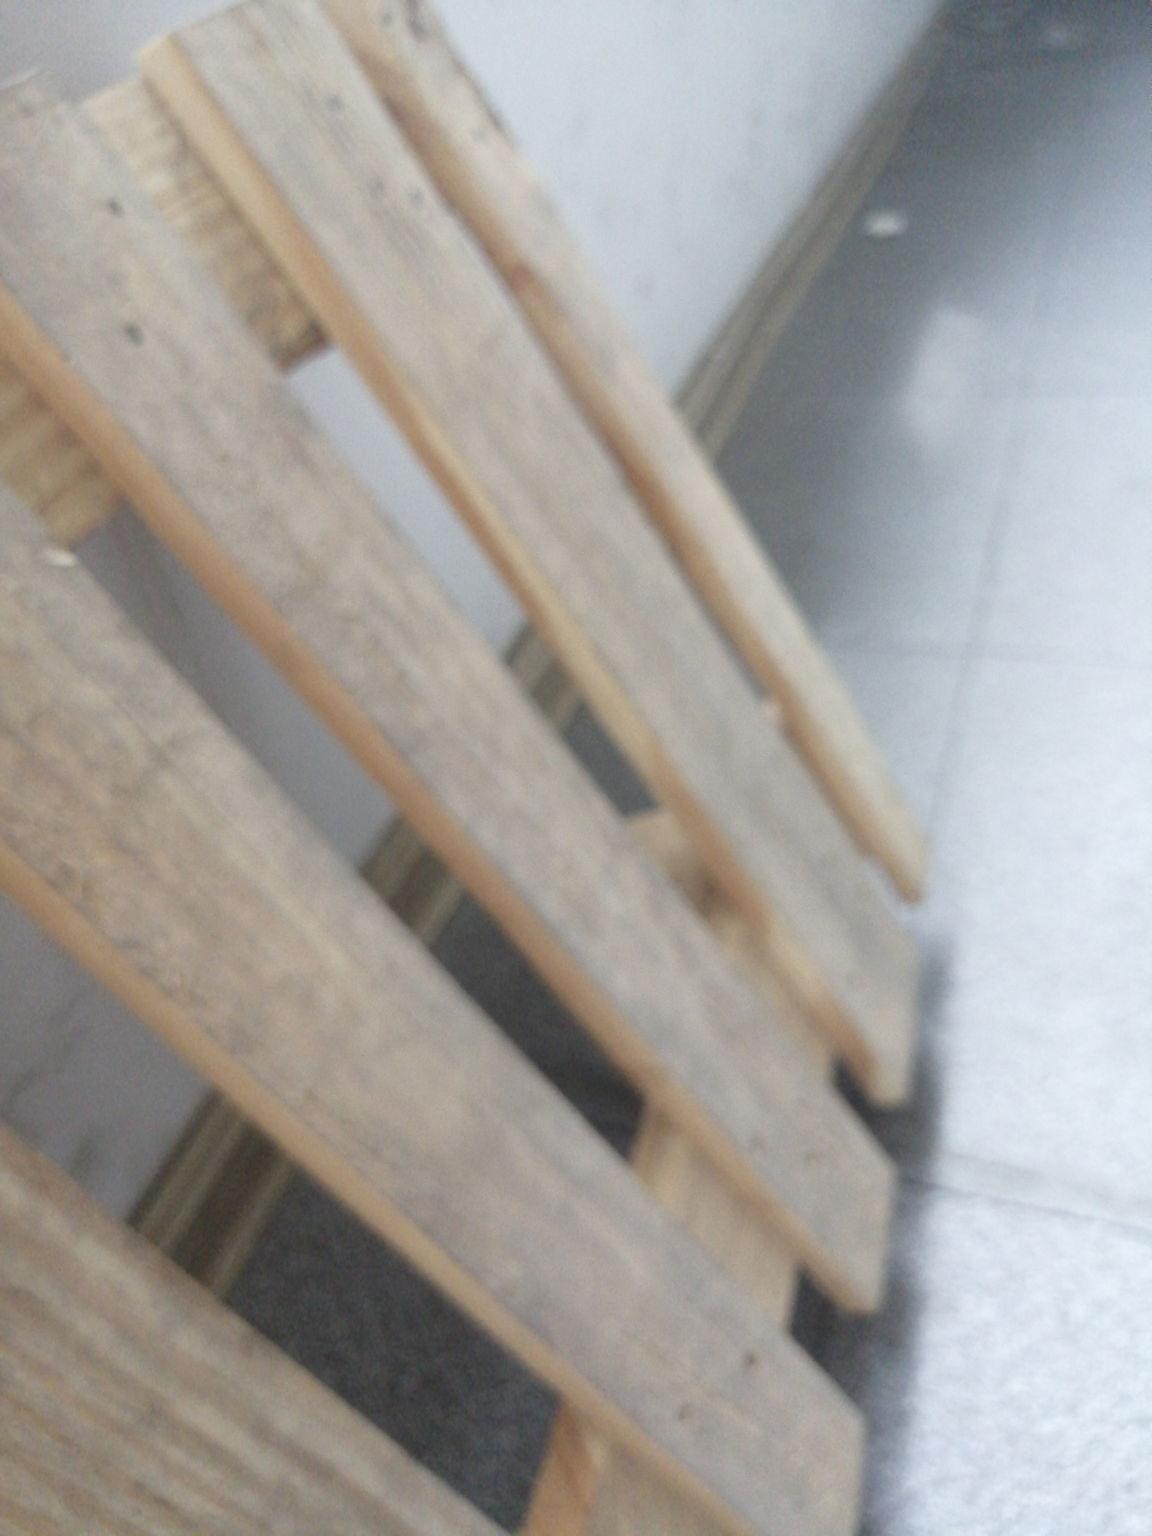 专业的松木托盘_商品批发价??,ⓛ⇢